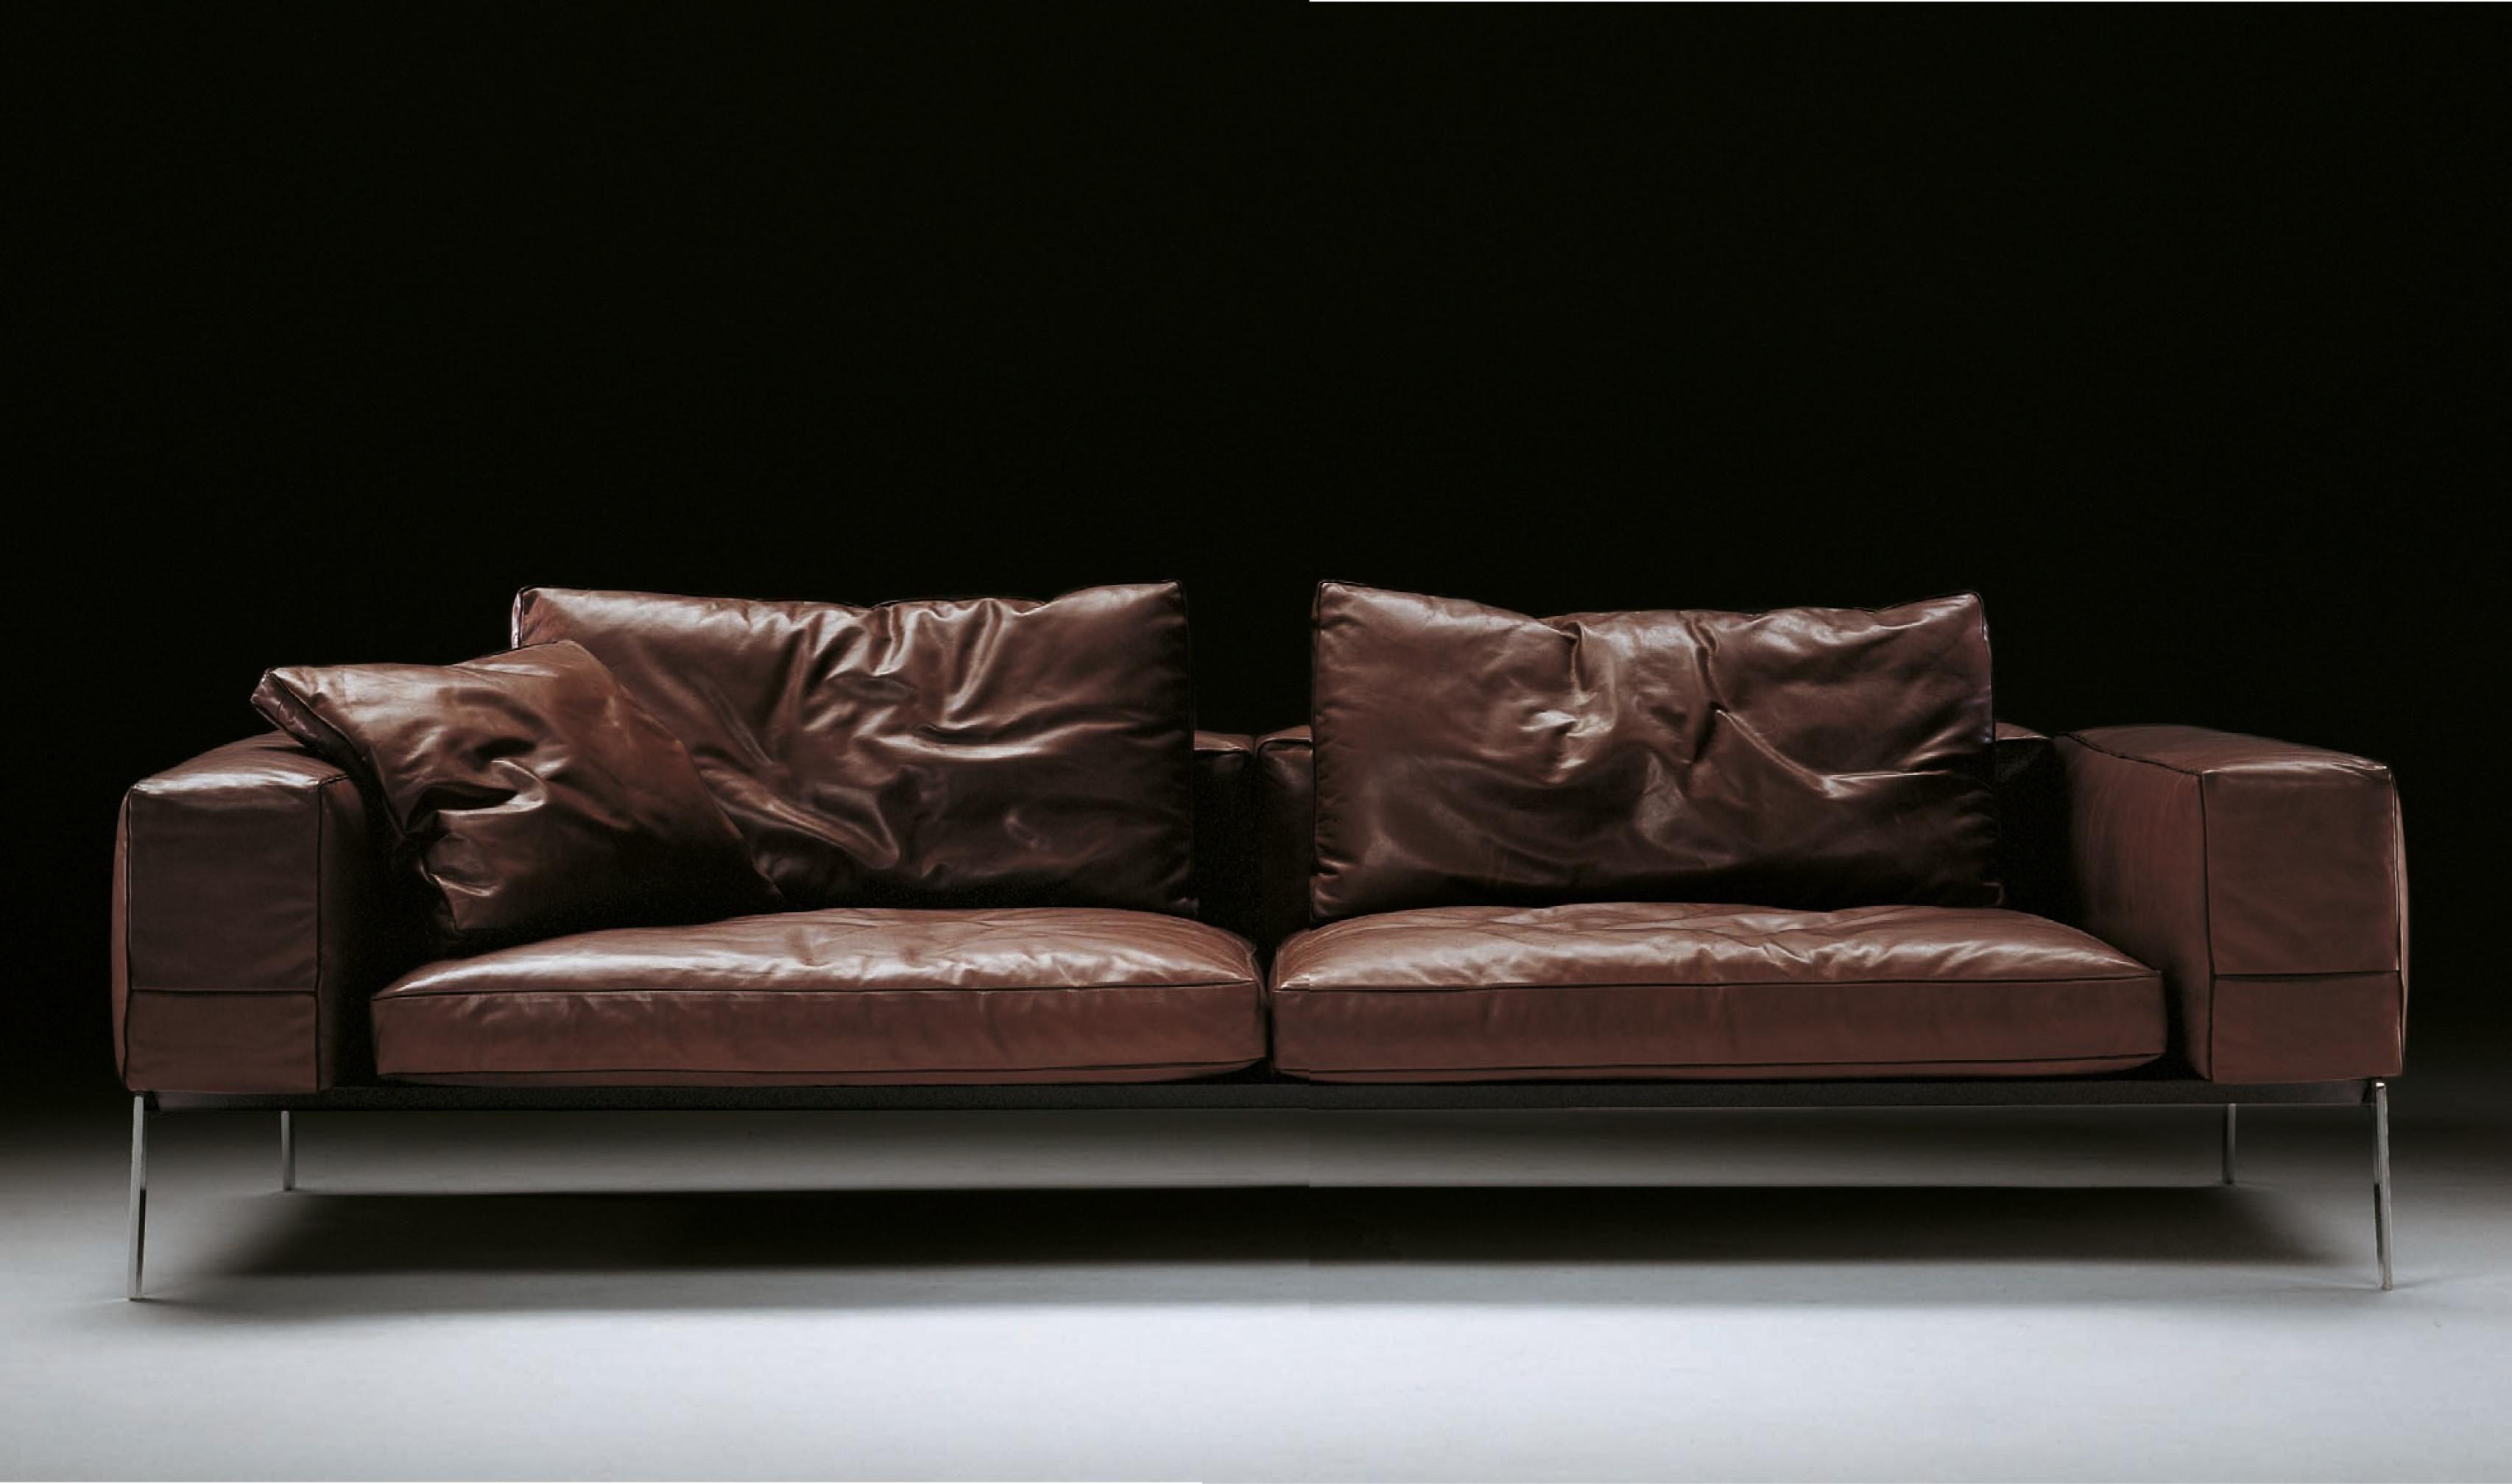 Sofa Klassisch fotos flexform sofas kommode die pläne sollten guten eindruck auf